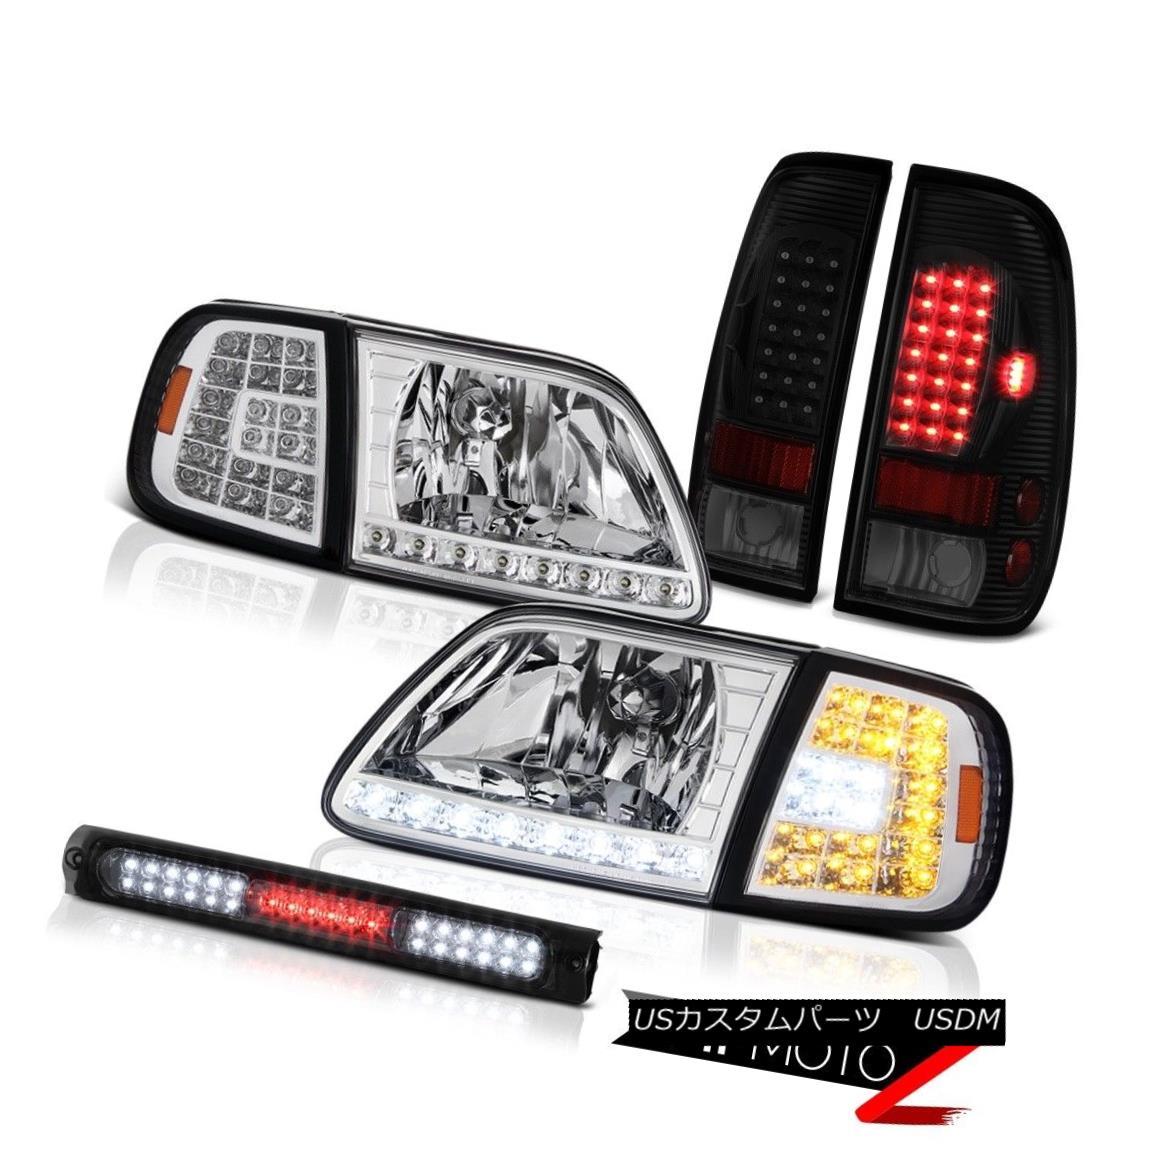 ヘッドライト 97-03 F150 Lariat Chrome Headlights Graphite Smoke Third Brake Lamp Rear Lights 97-03 F150ラリアトクロームヘッドライトグラファイトスモーク第3ブレーキランプリアライト